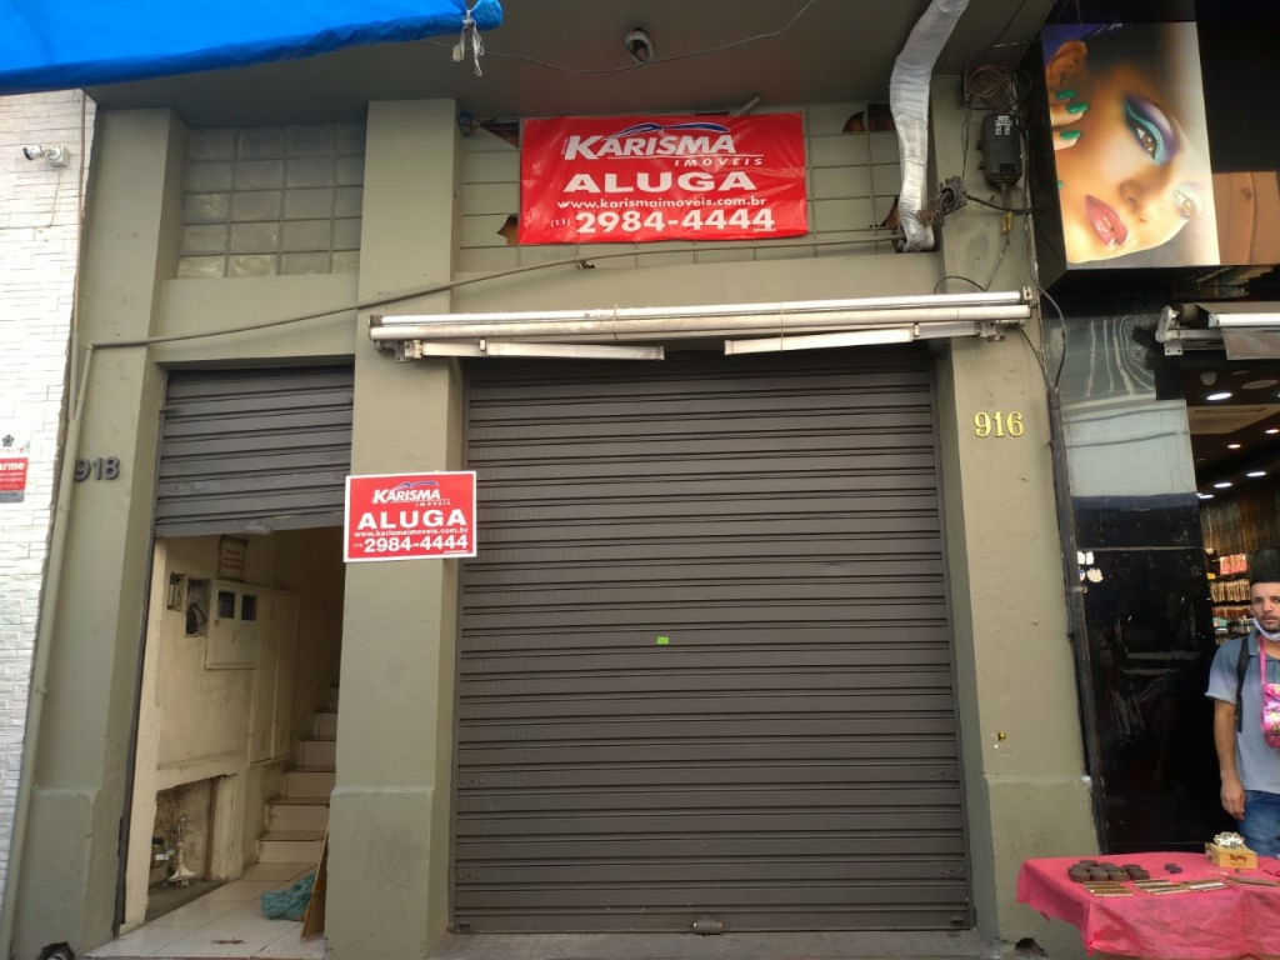 Alugar - Salão Comercial - Centro - 0 dormitórios.